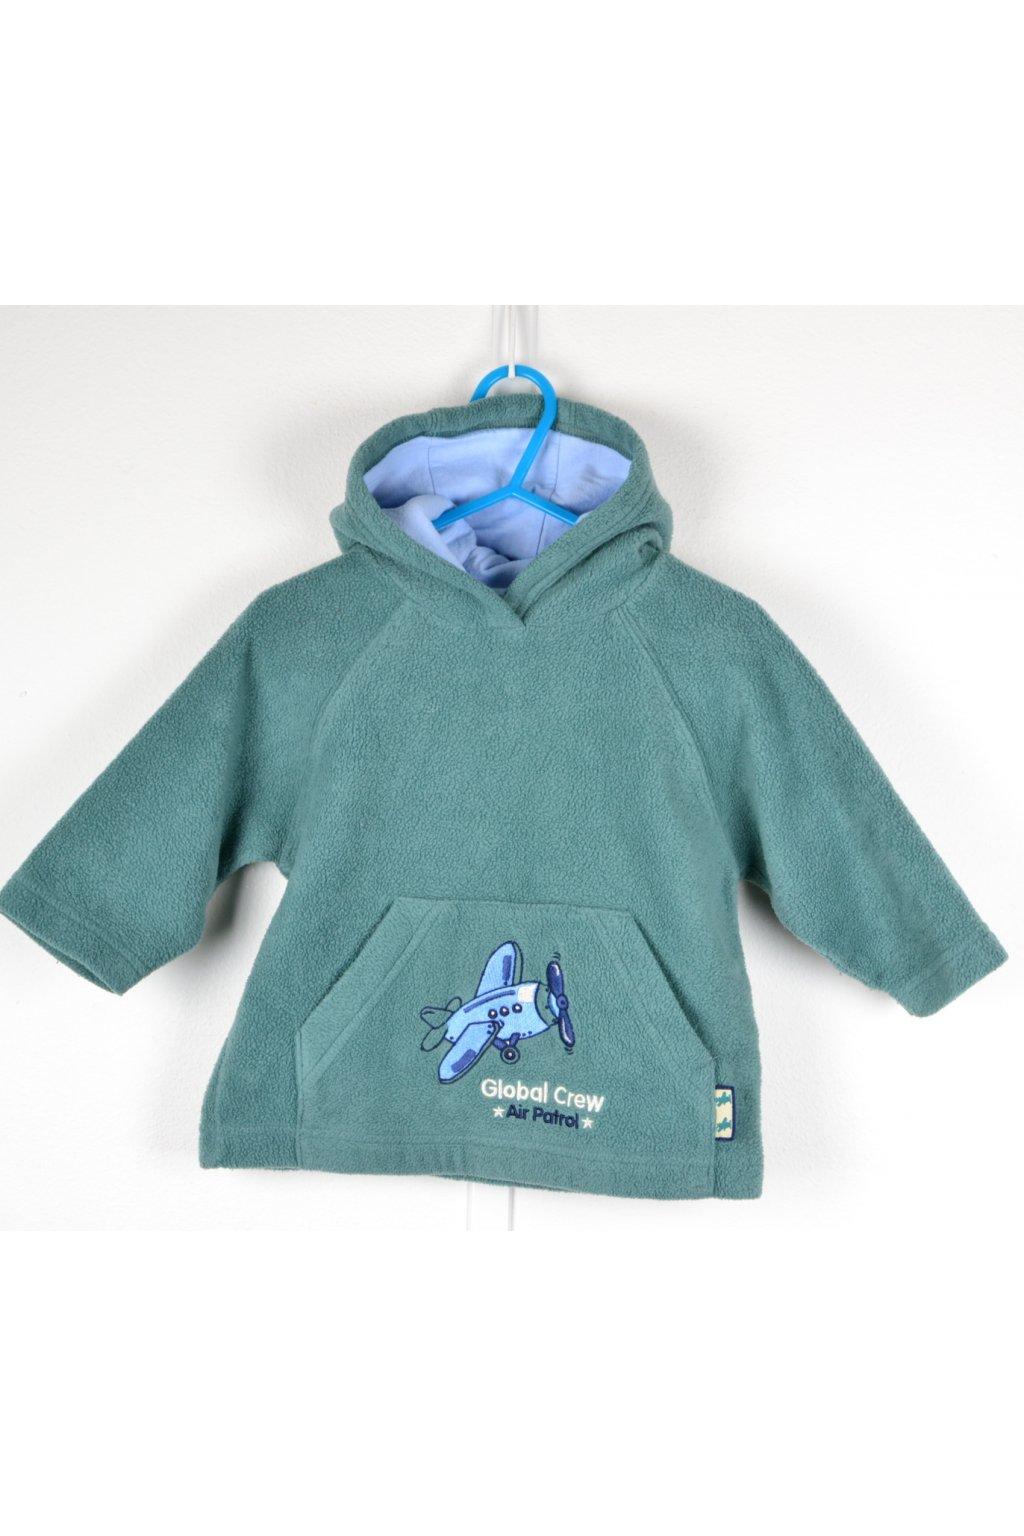 Mikina flísová BHS 80-86 zeleno - modrá